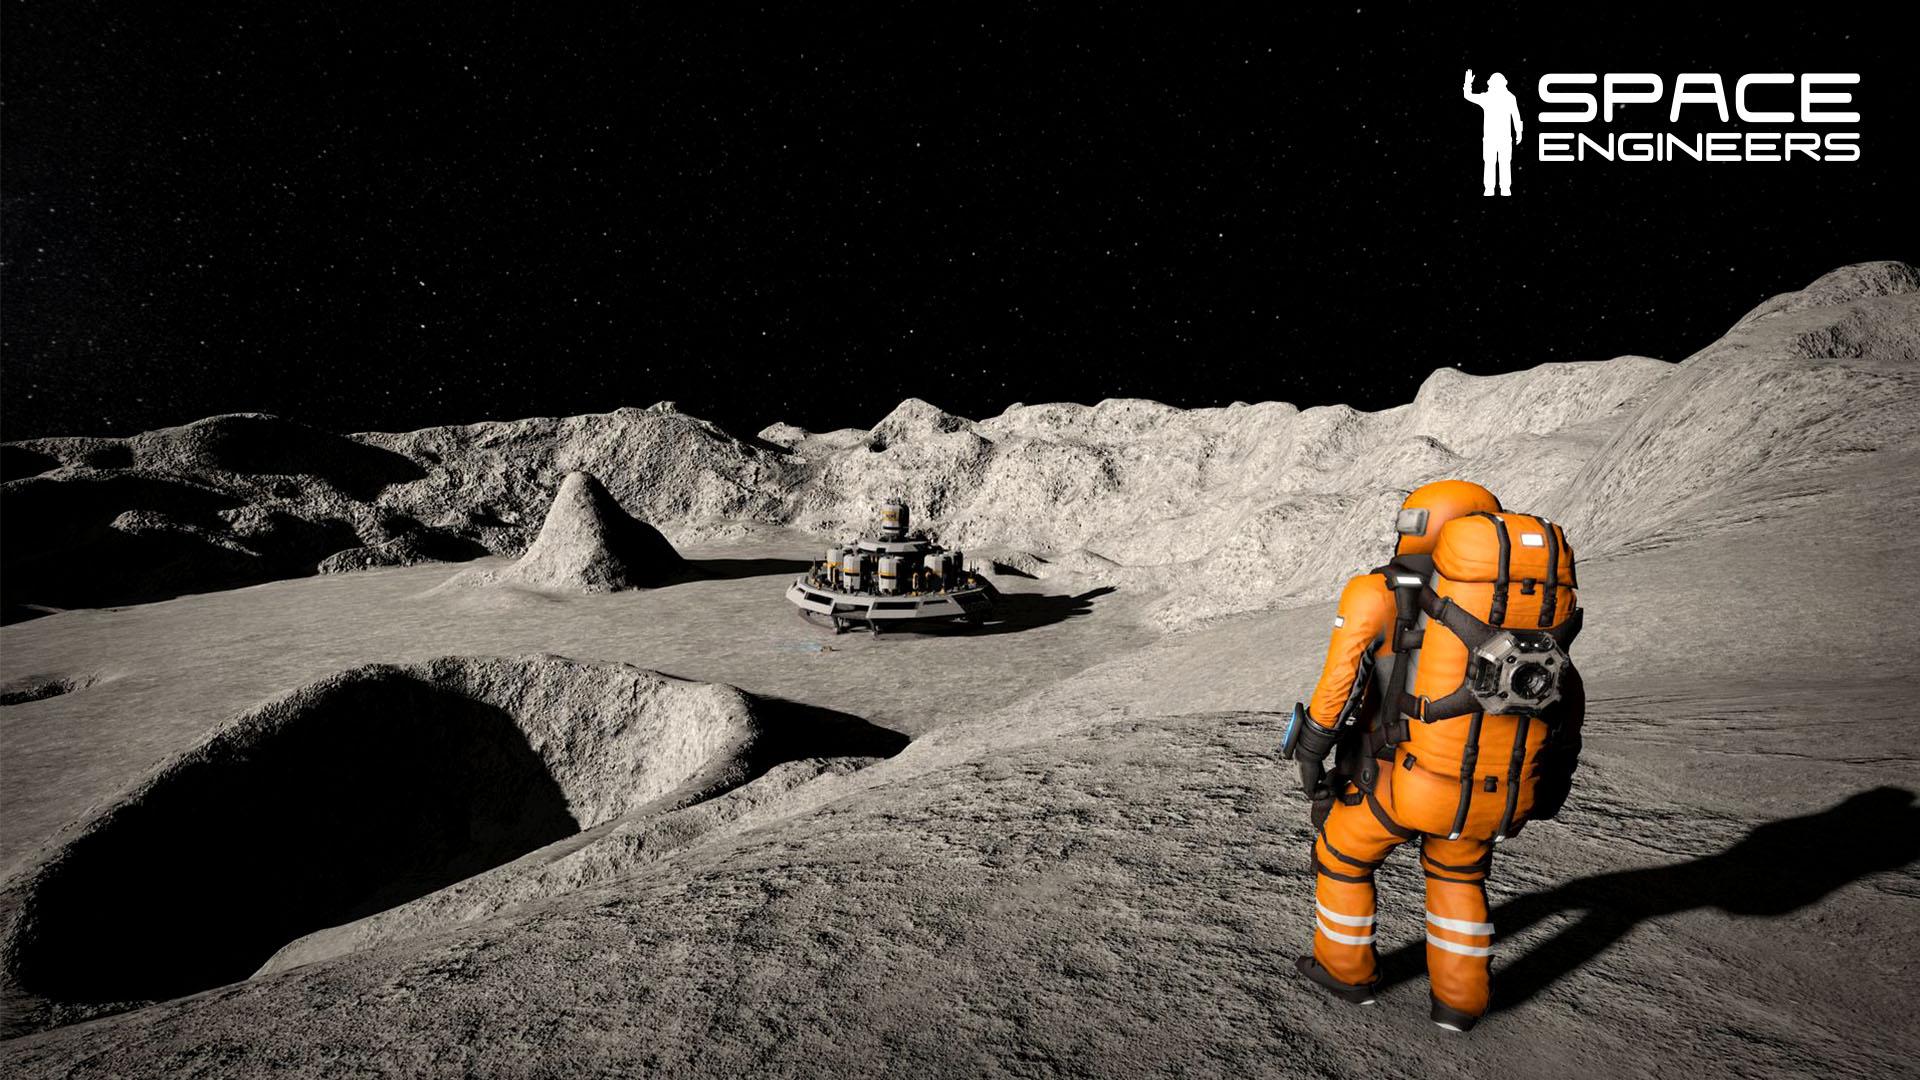 Space Engineers 4-Pack (Steam Gift RU) 2019